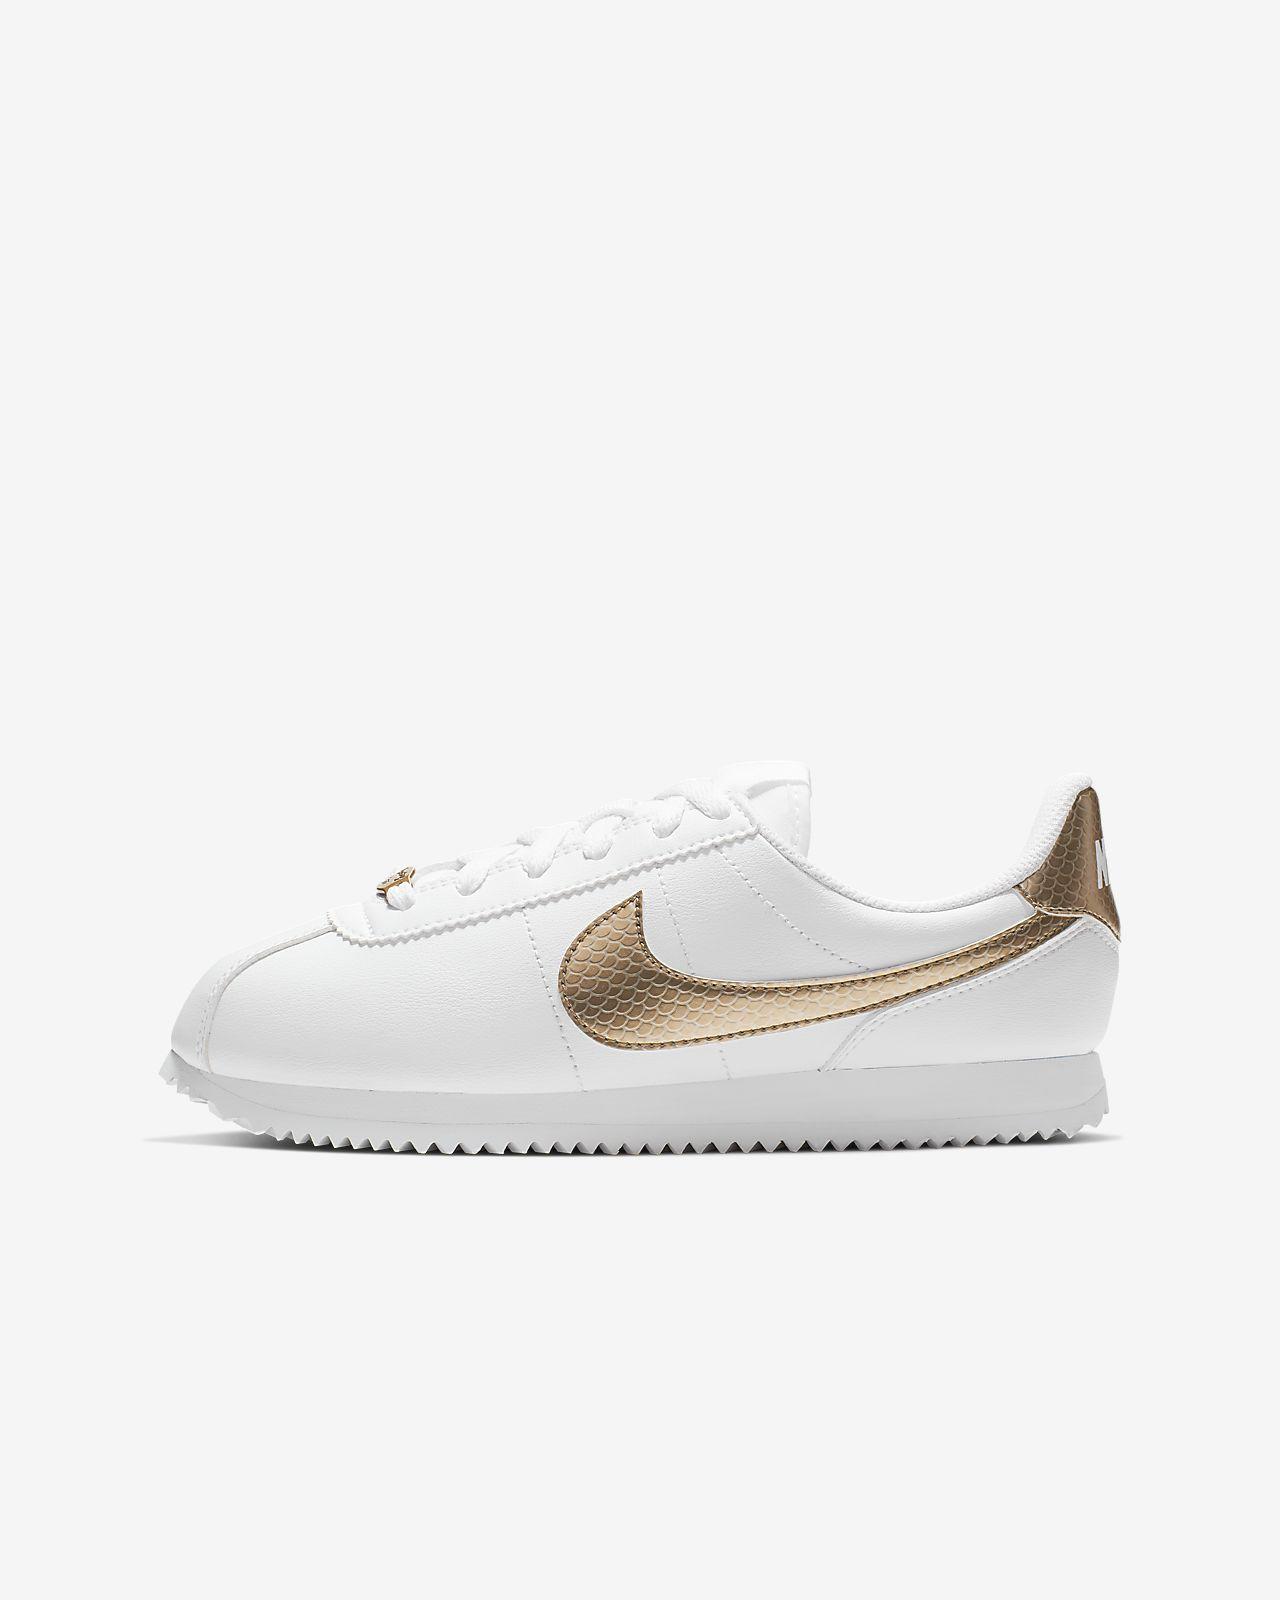 Nike Cortez Basic SL EP Older Kids' Shoe